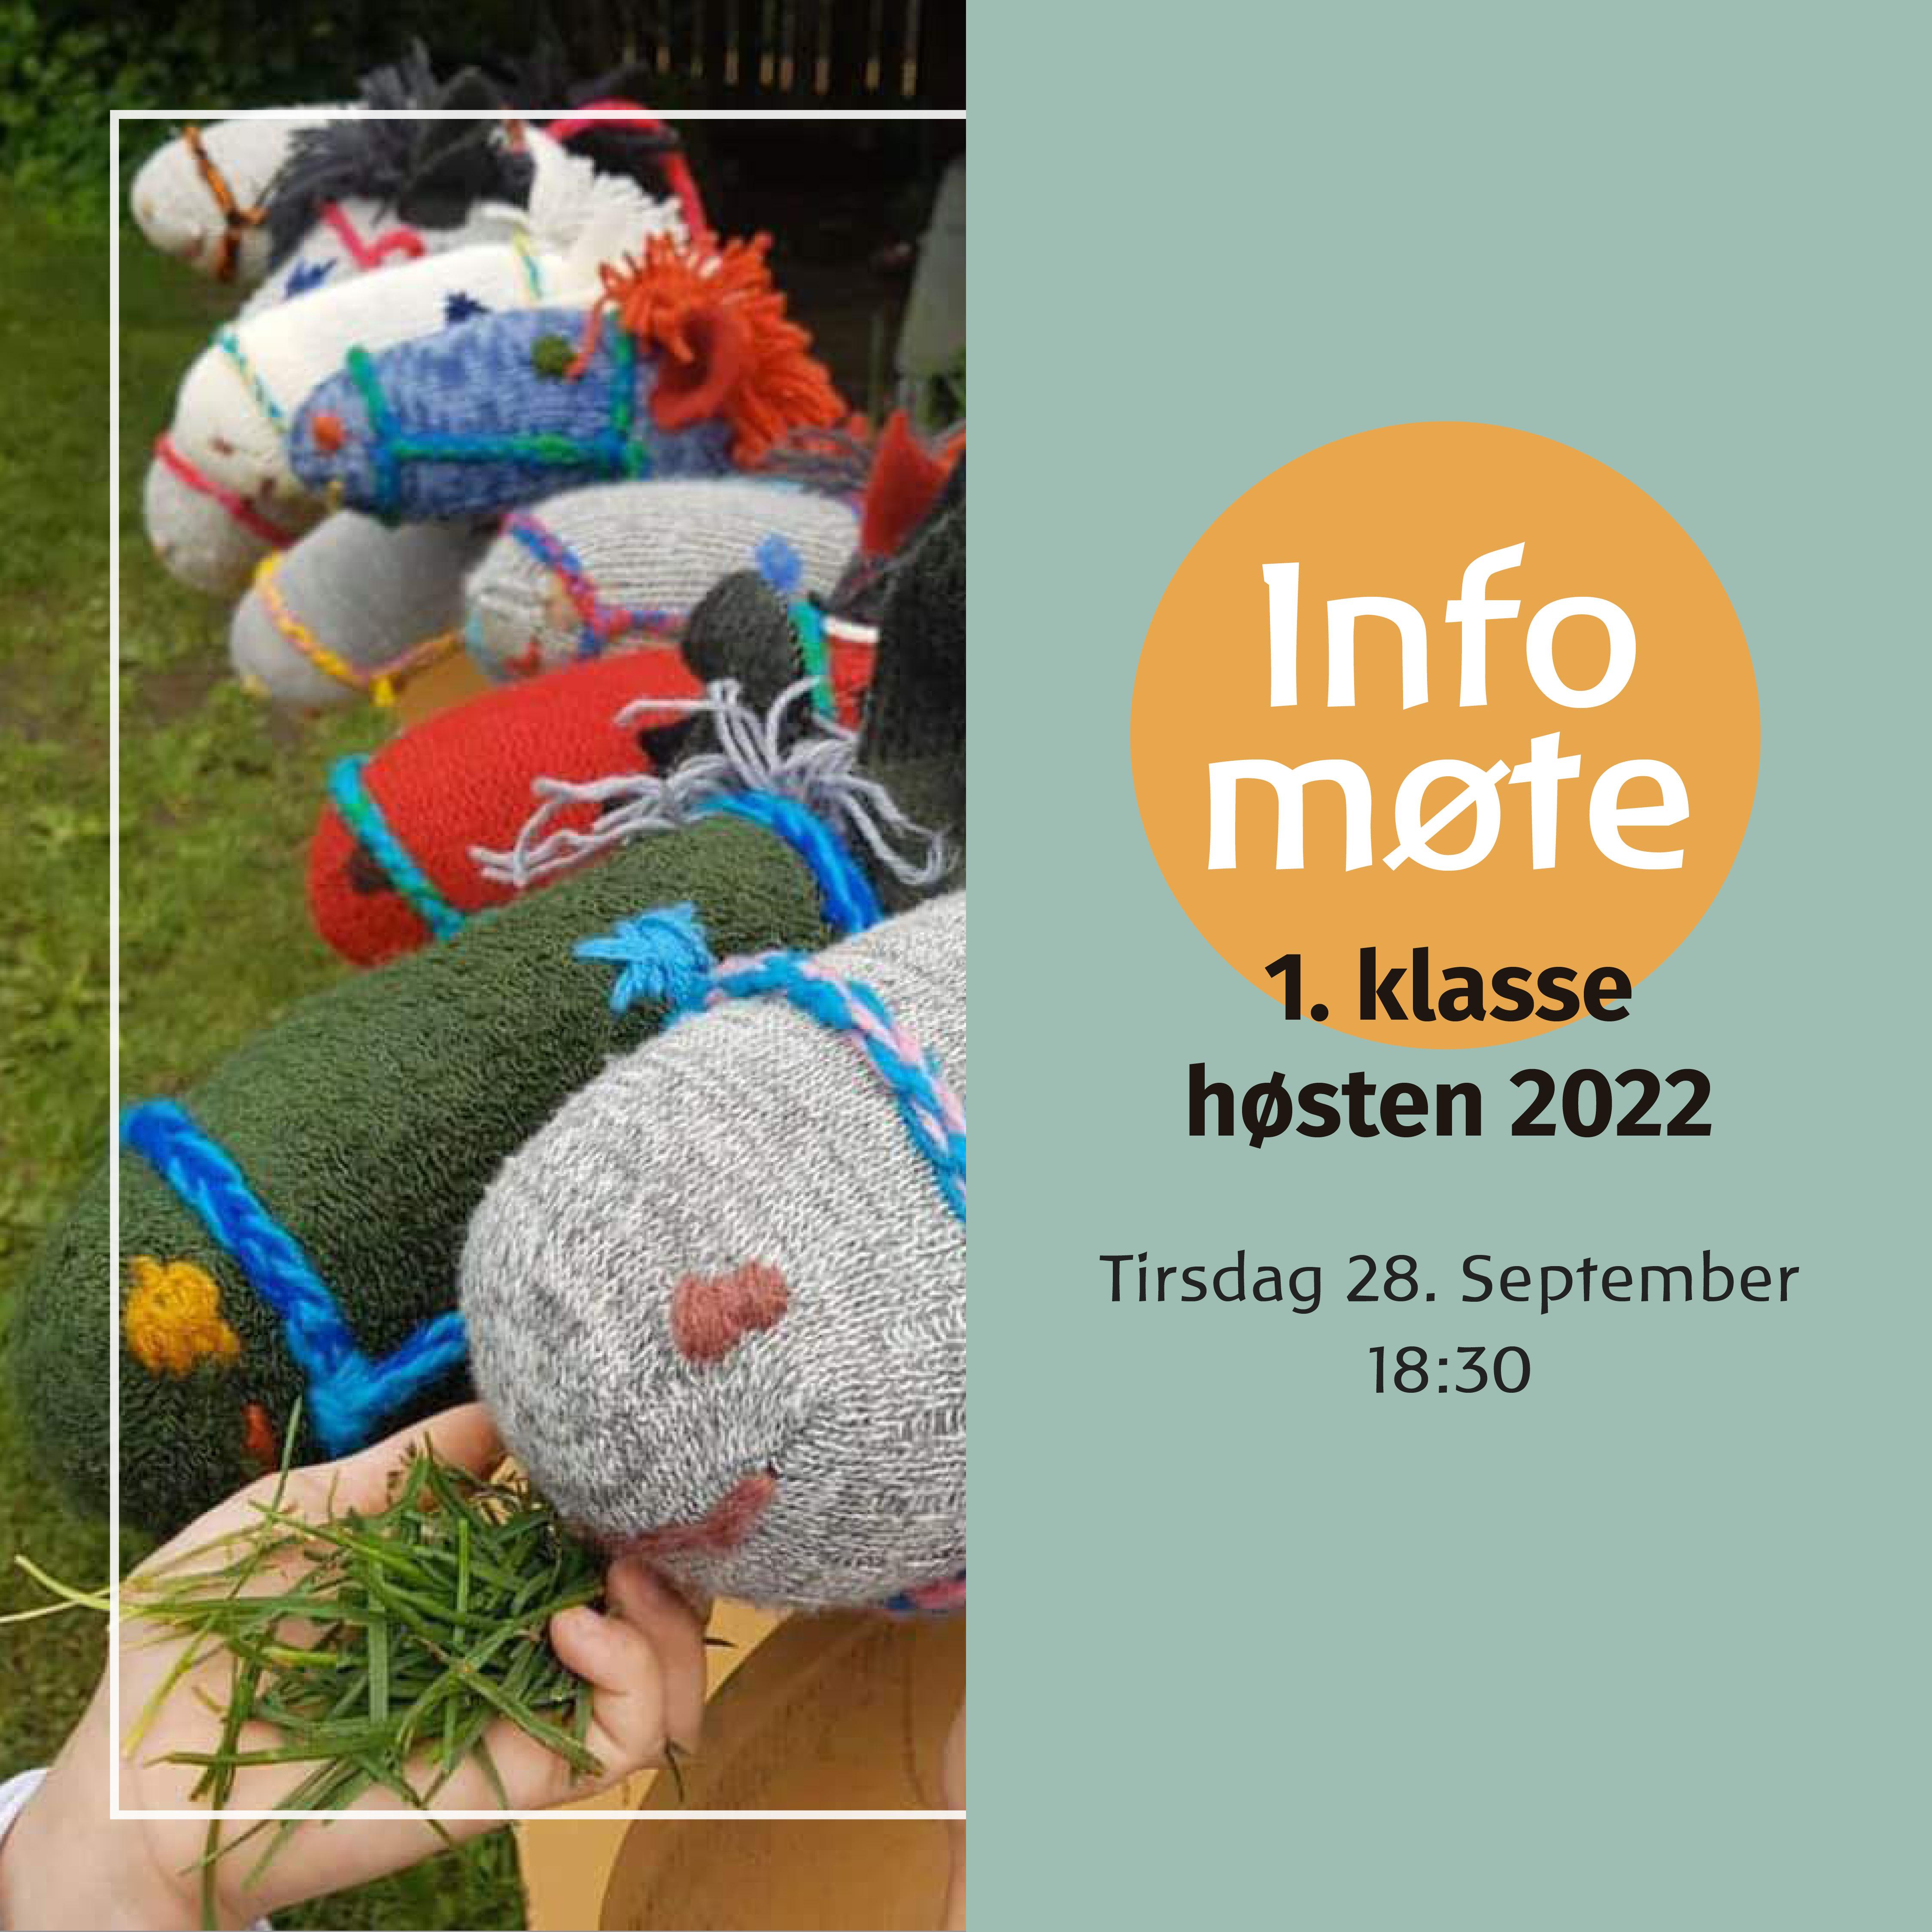 Informasjonsmøte for 1. klasse høsten 2022